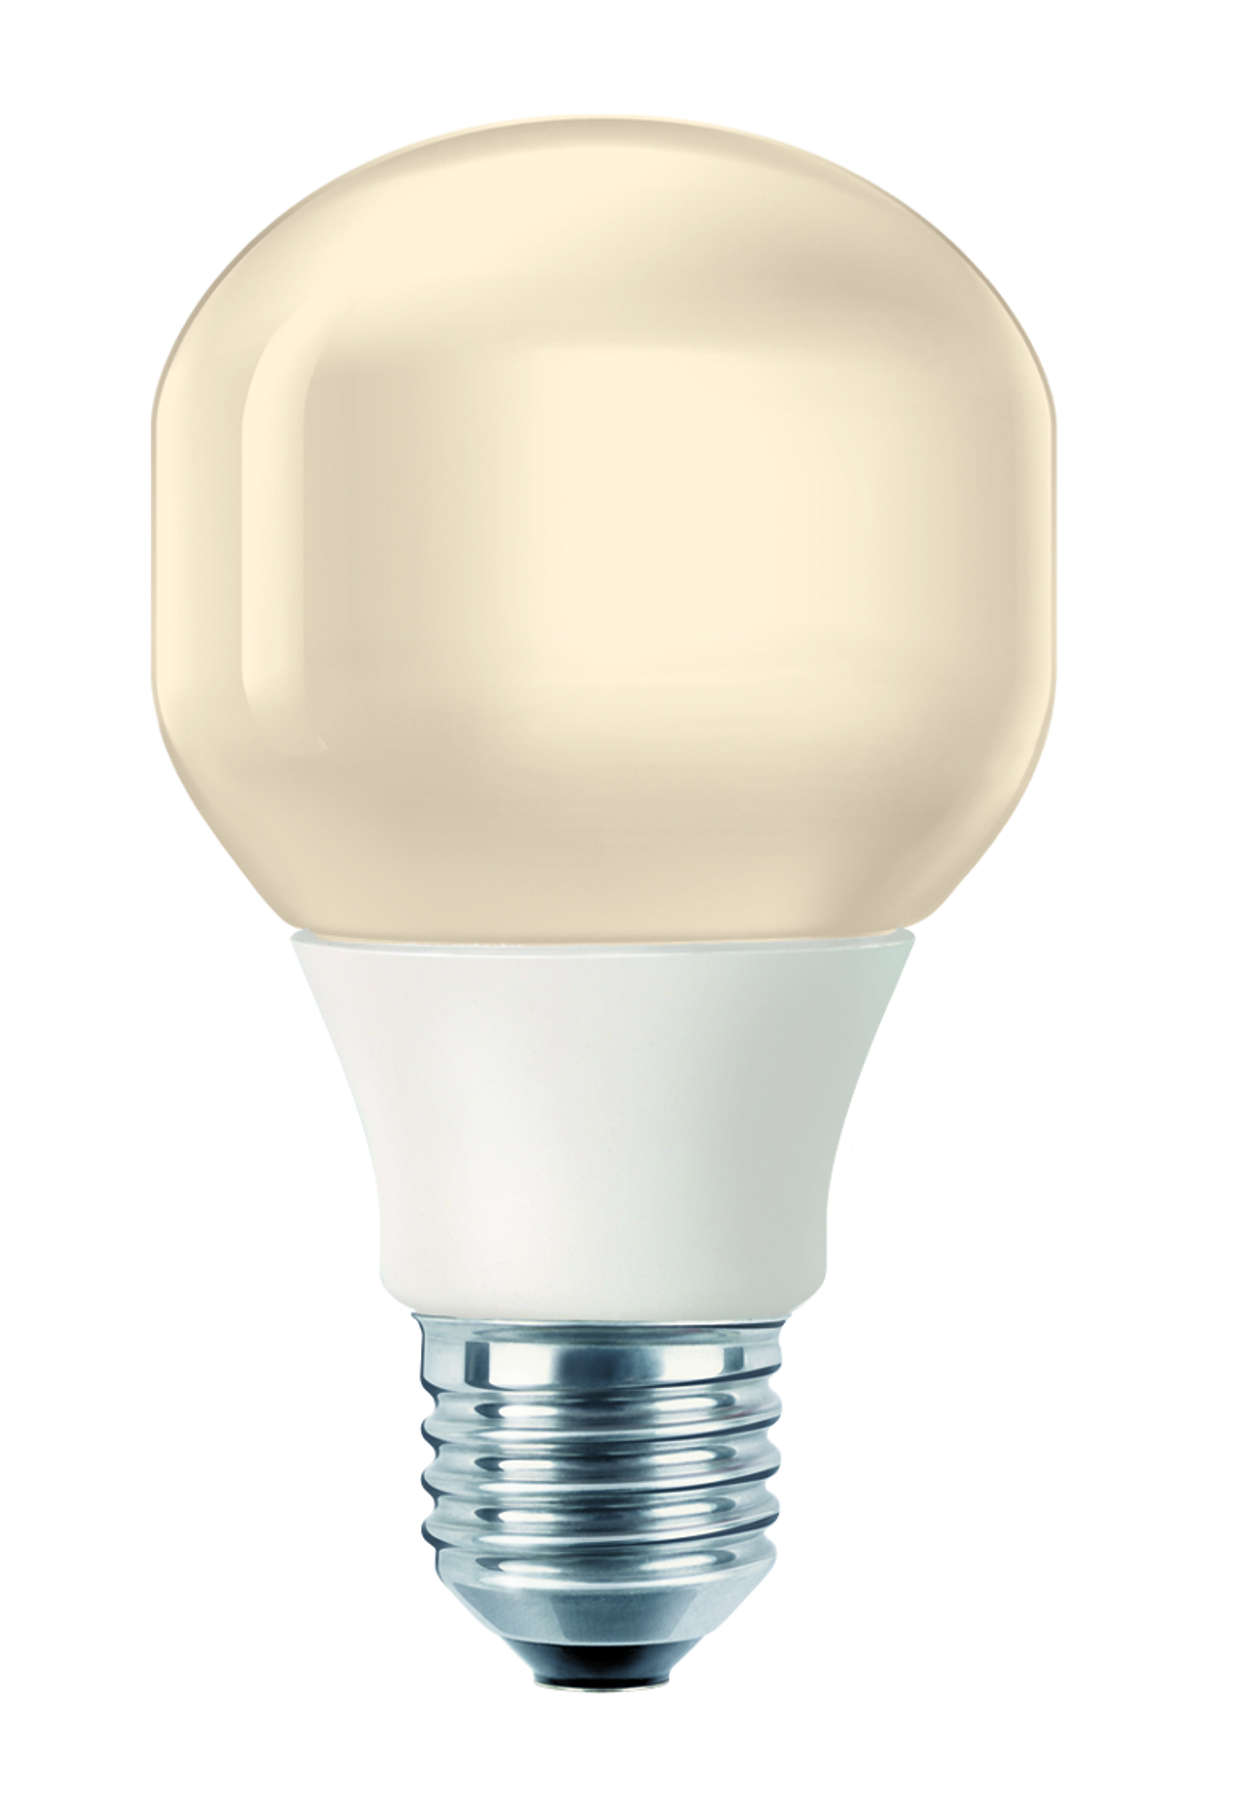 Maloni ir švelni aplinkos šviesa